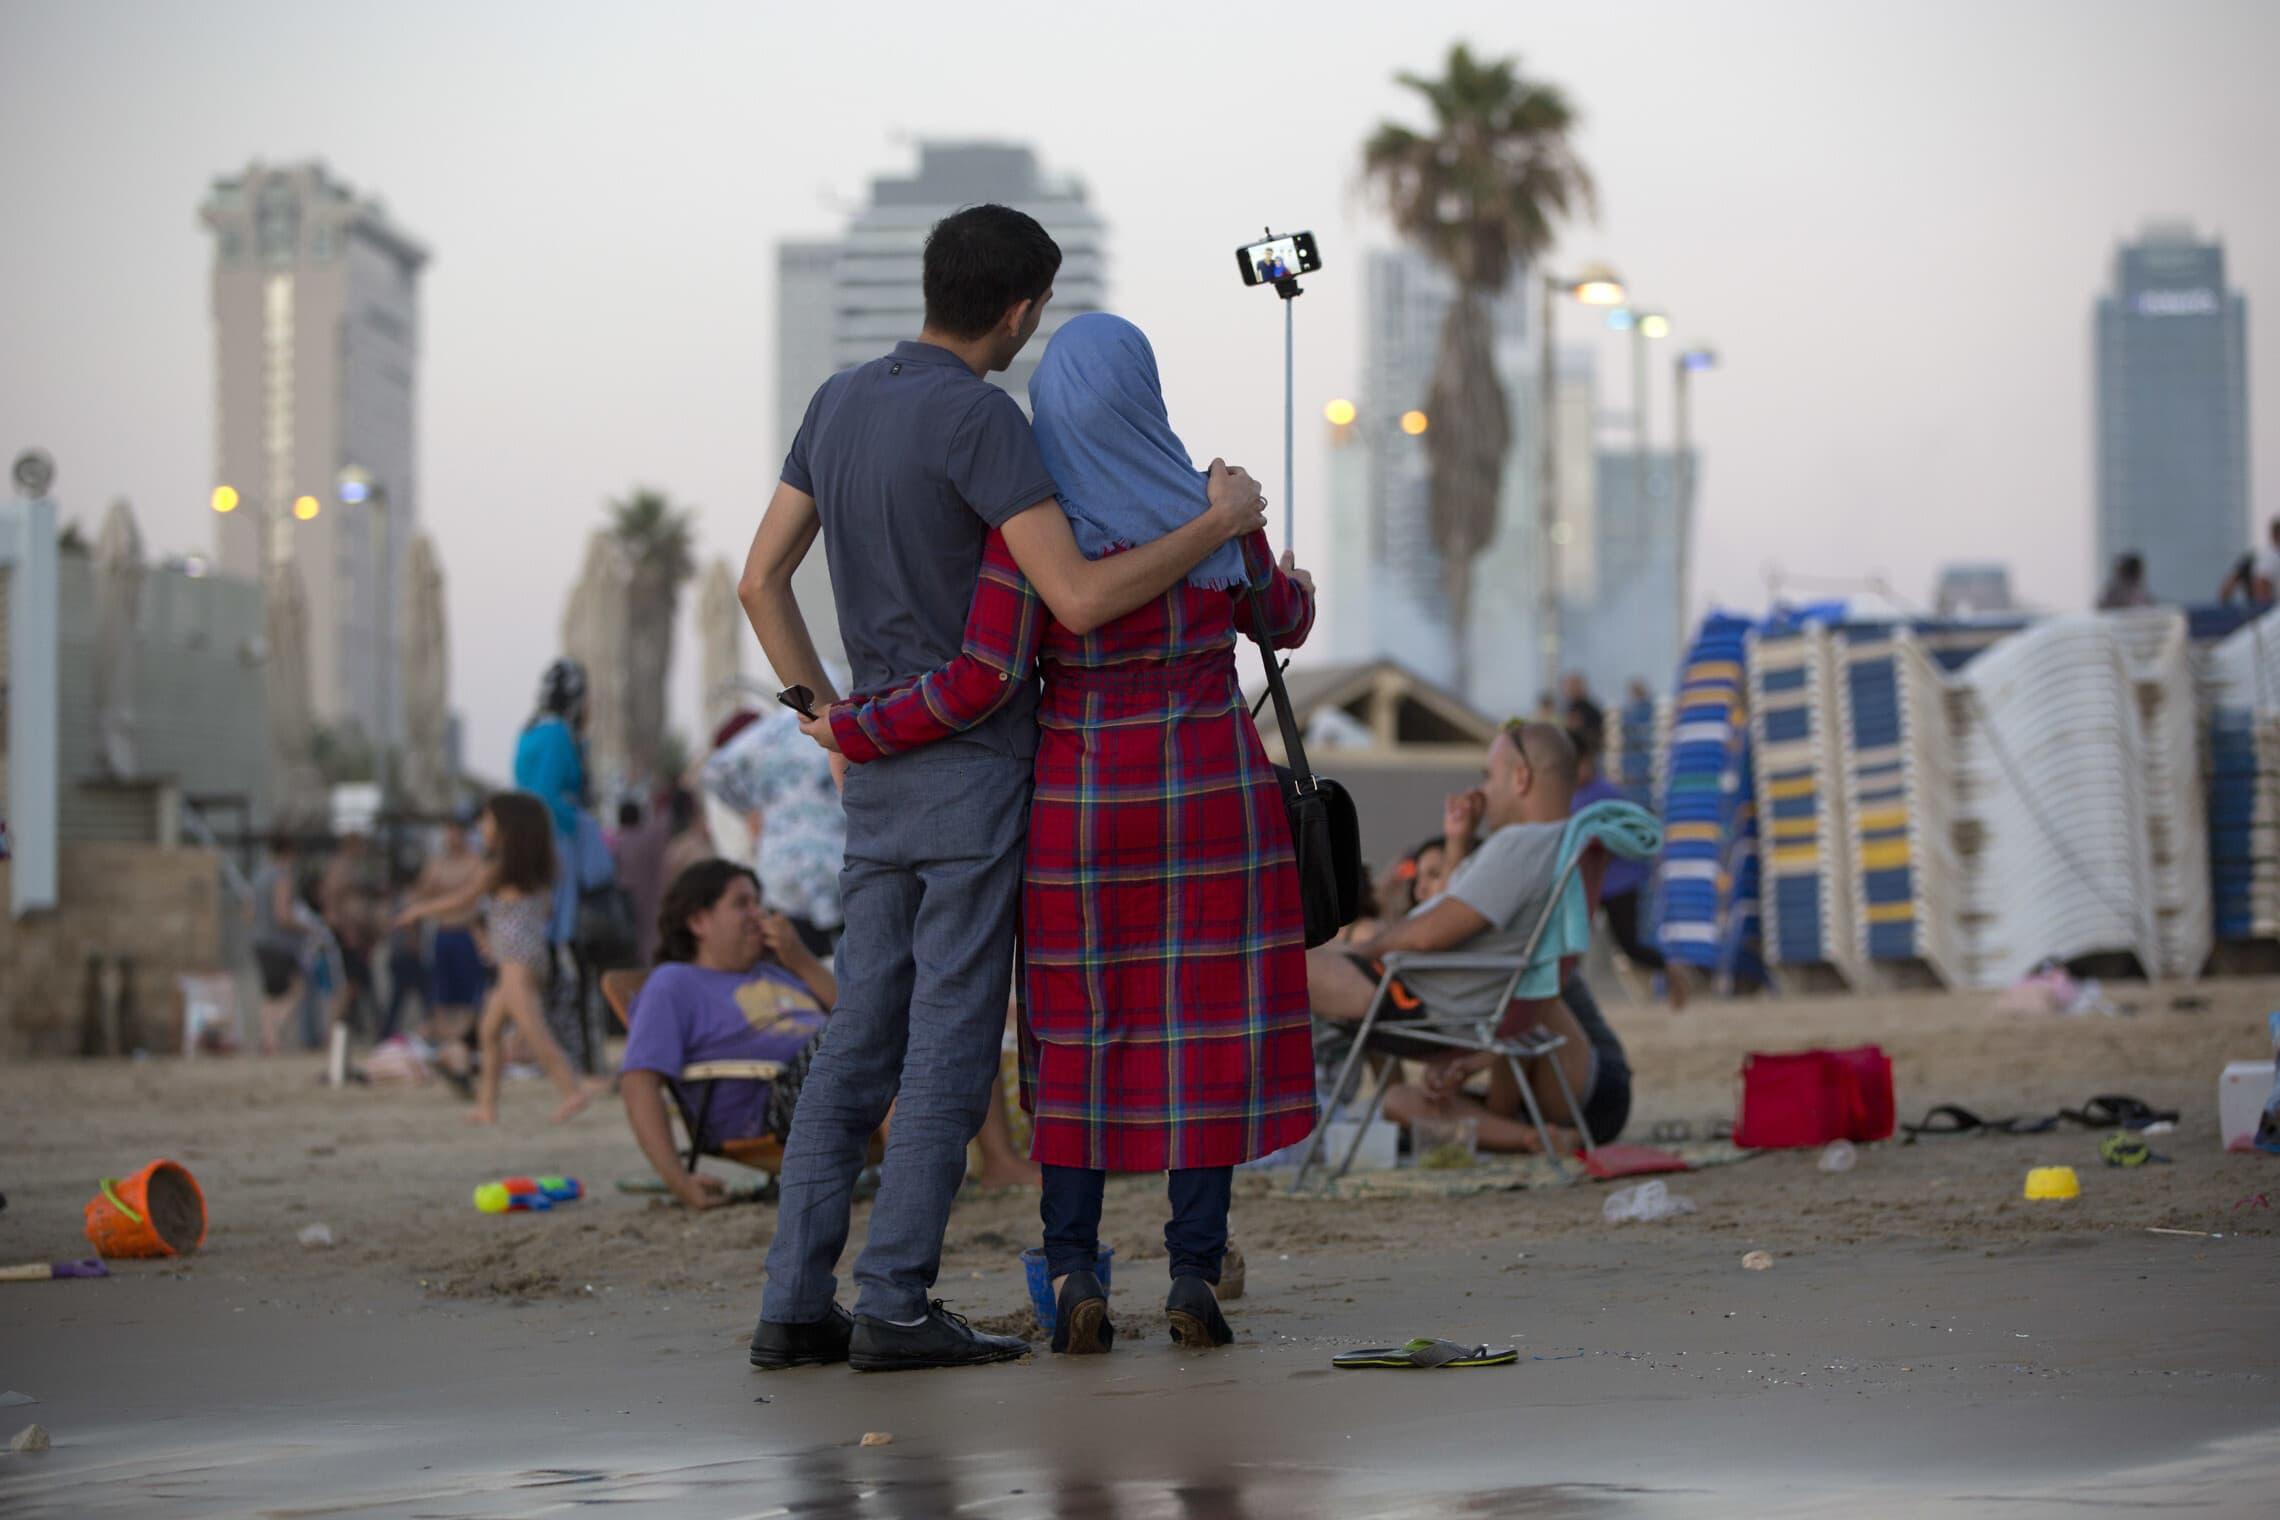 בני זוג על חוף הים. אילוסטרציה (צילום: AP Photo/Oded Balilty)